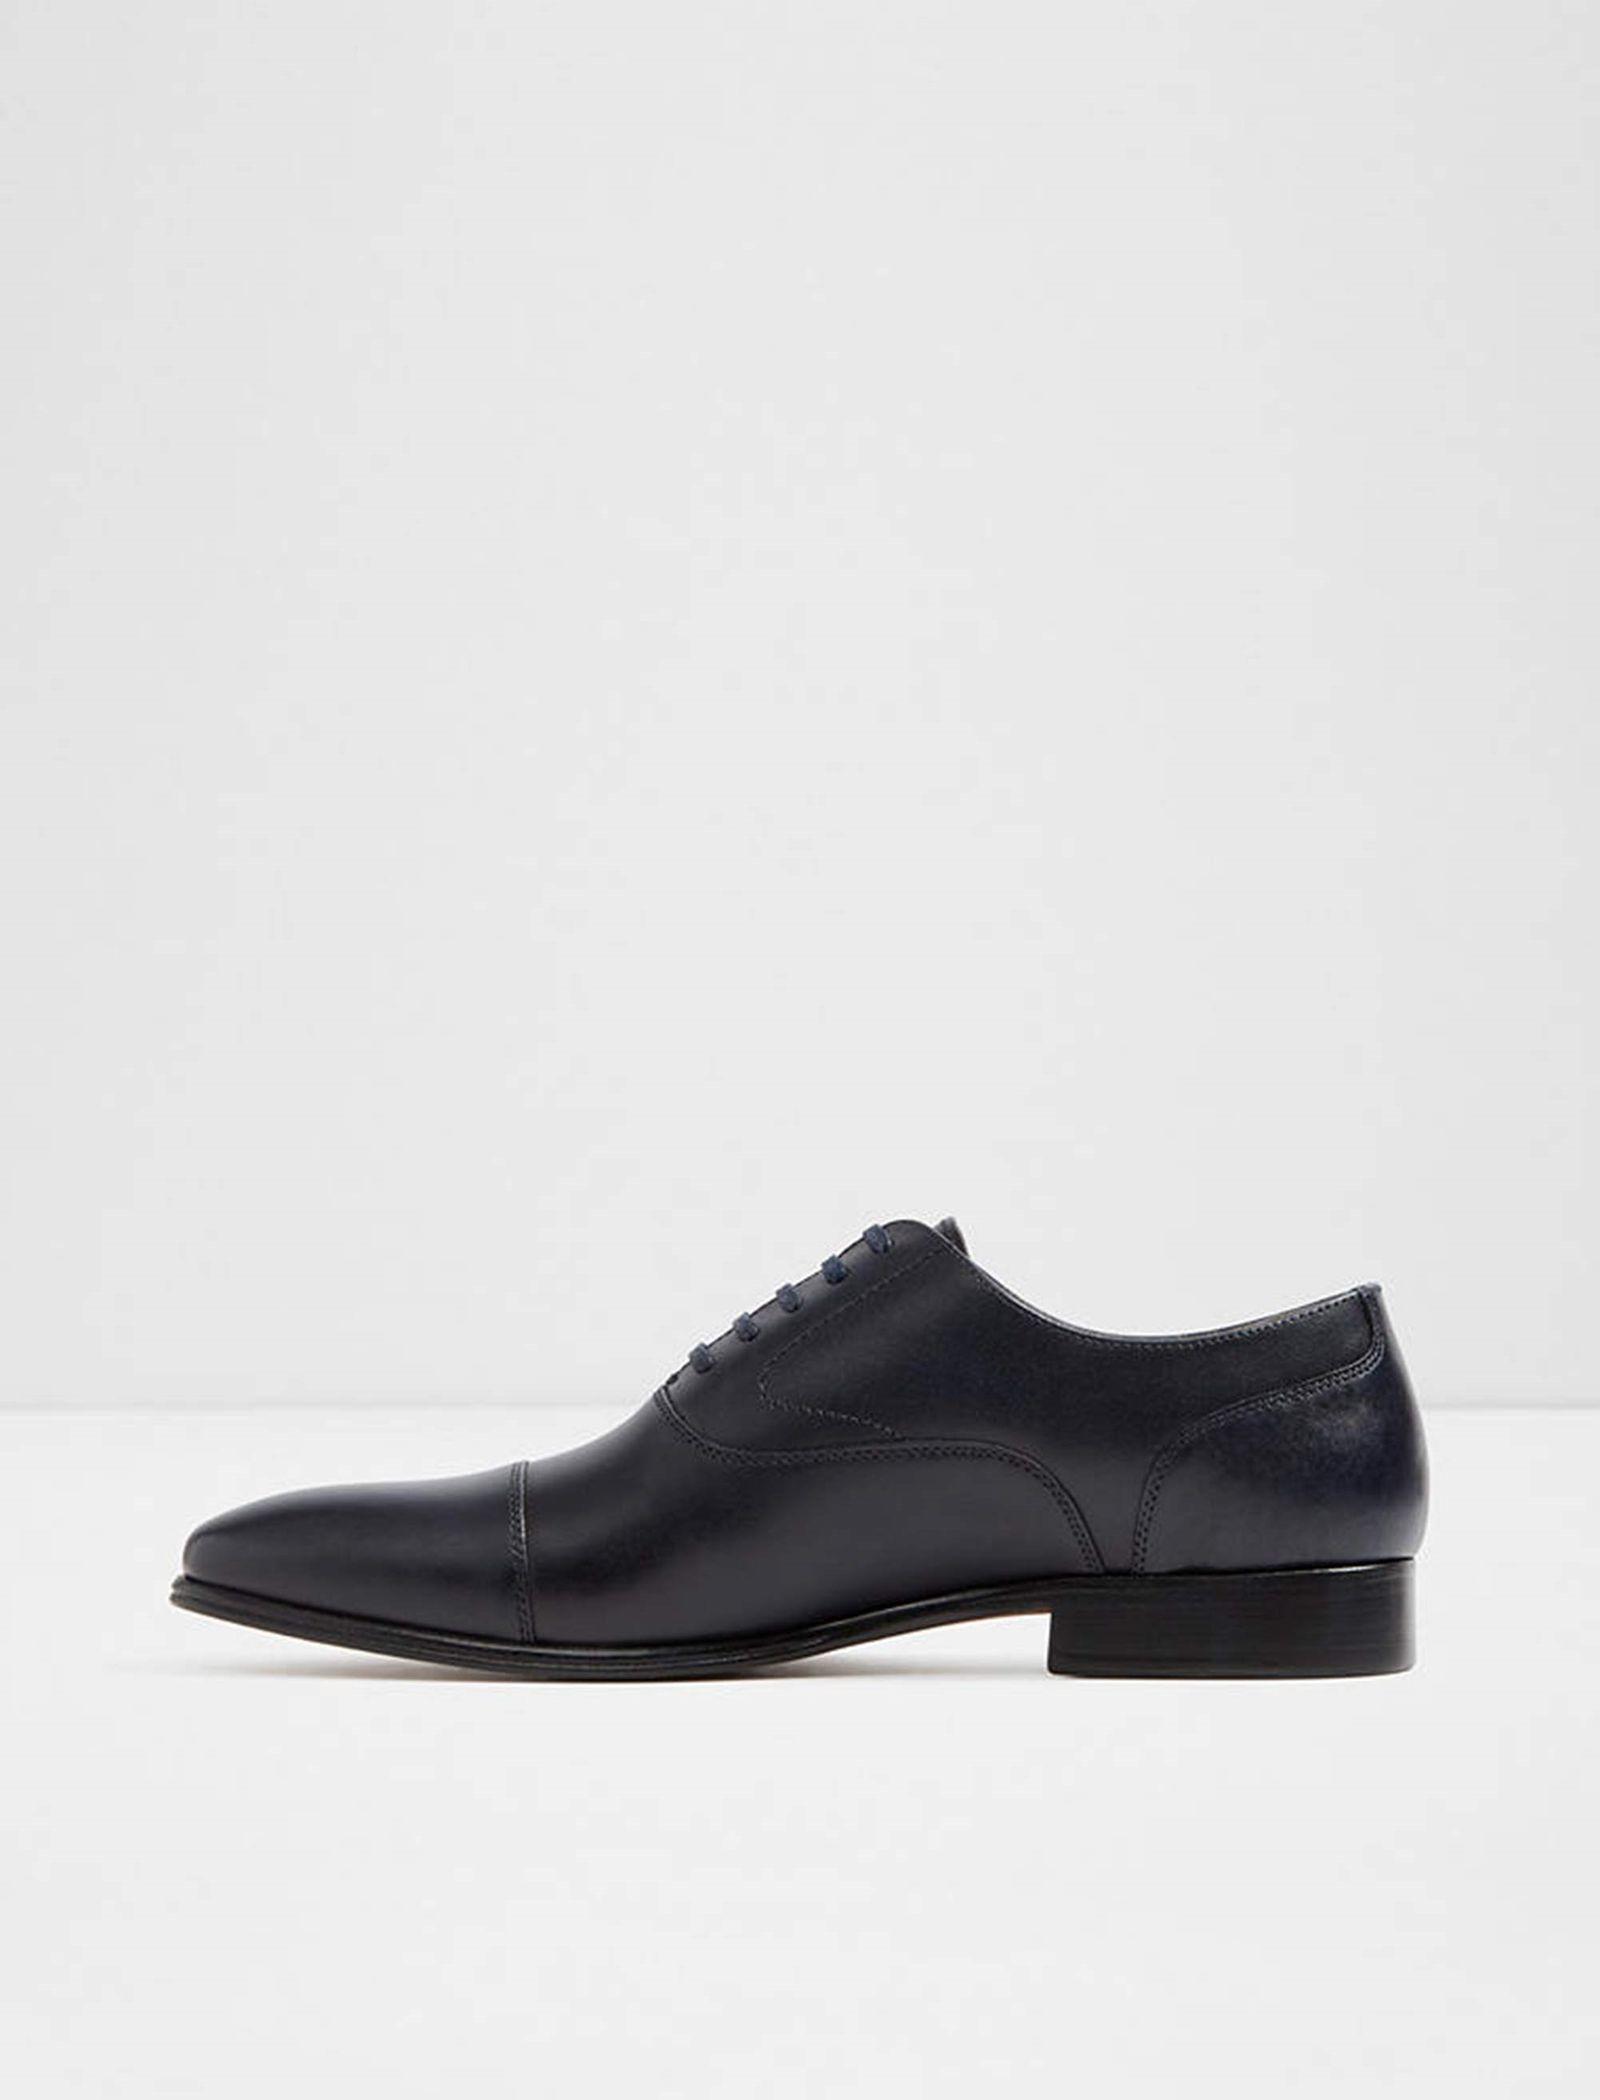 کفش رسمی چرم مردانه - آلدو - سرمه اي - 2